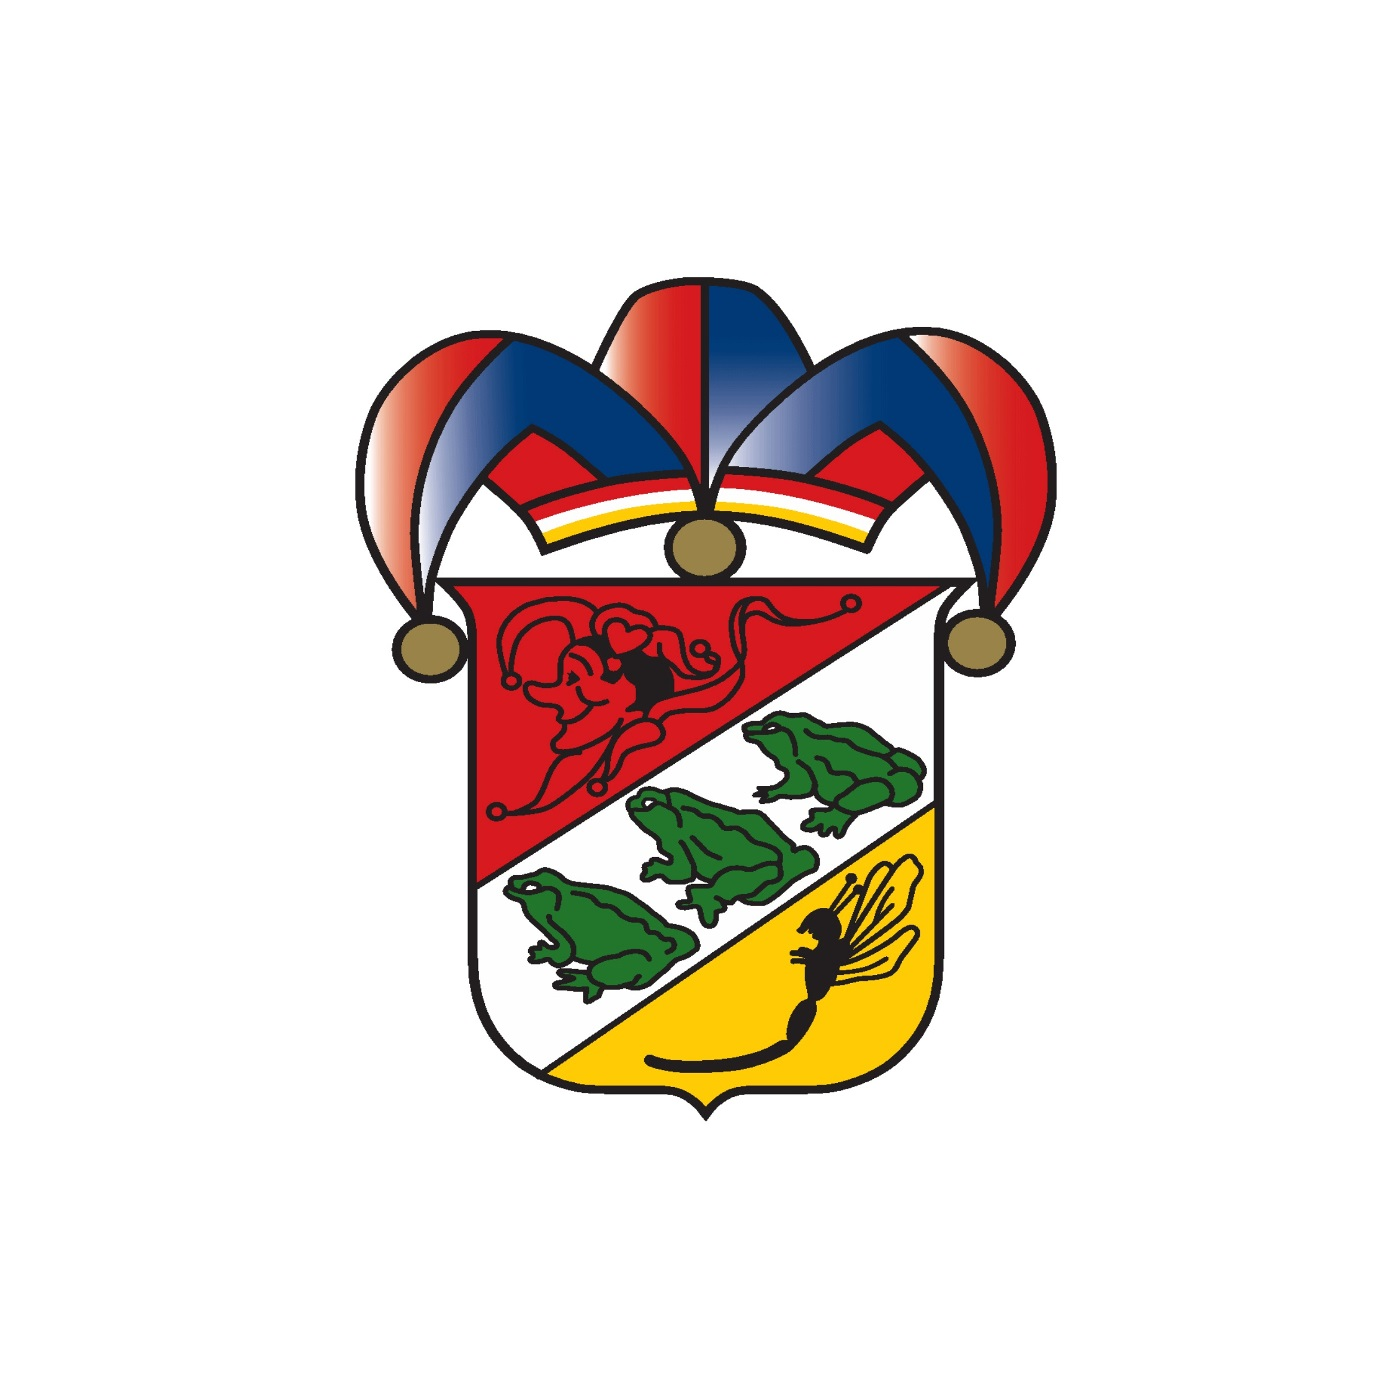 Oeteldonk logo